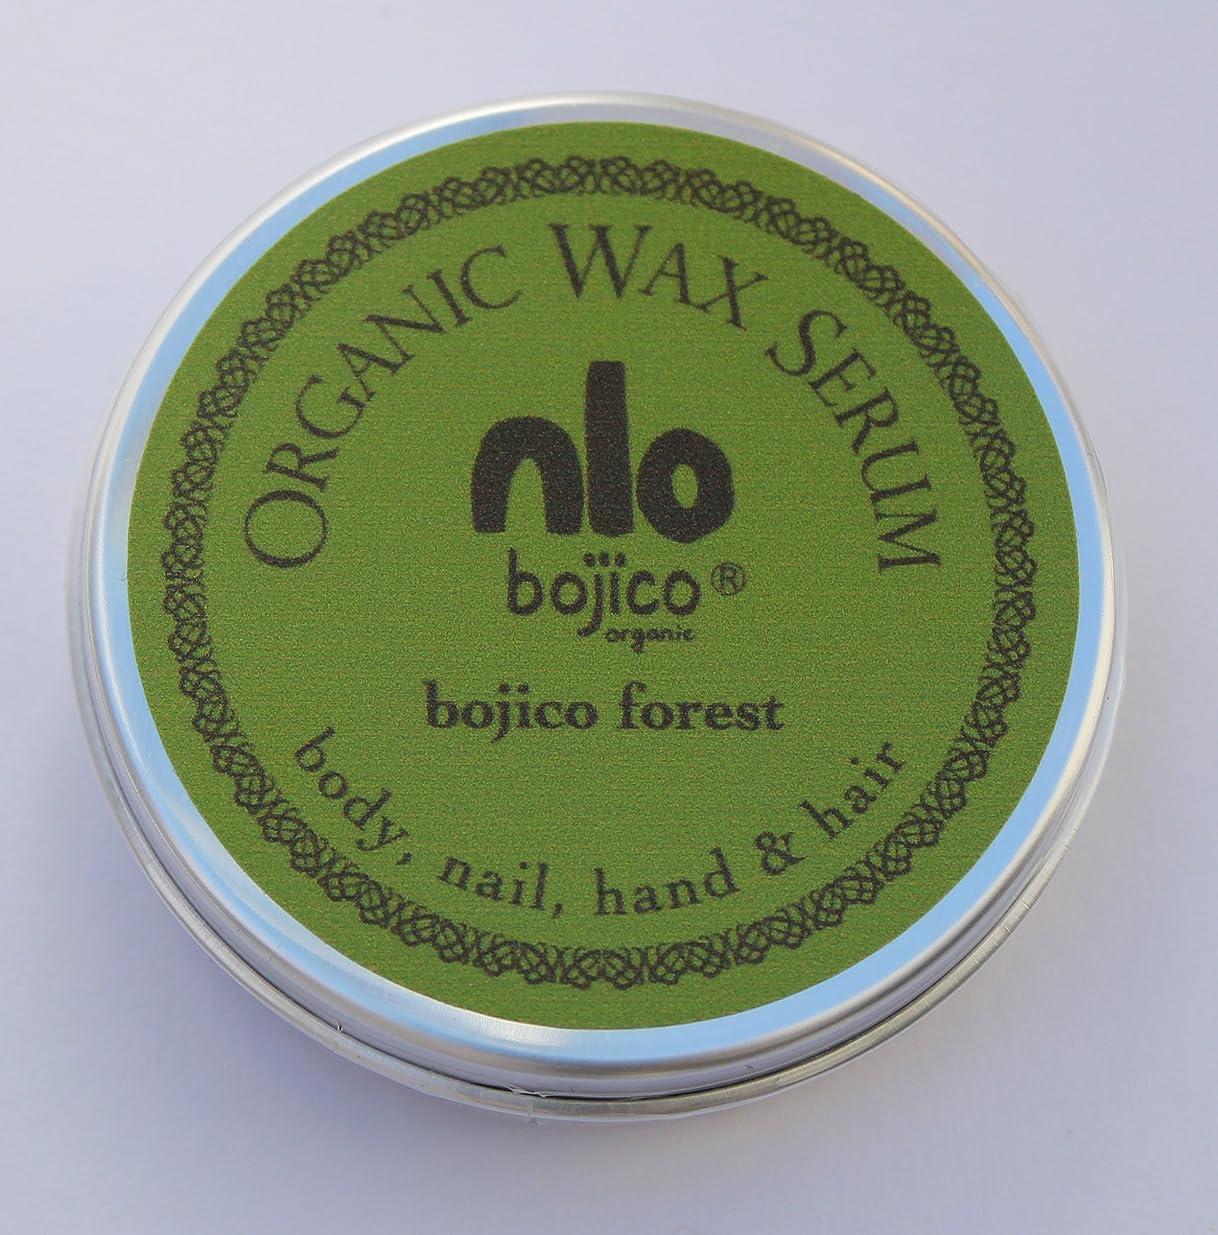 暴力的なテセウスフラグラントbojico オーガニック ワックス セラム<フォレスト> Organic Wax Serum 18g